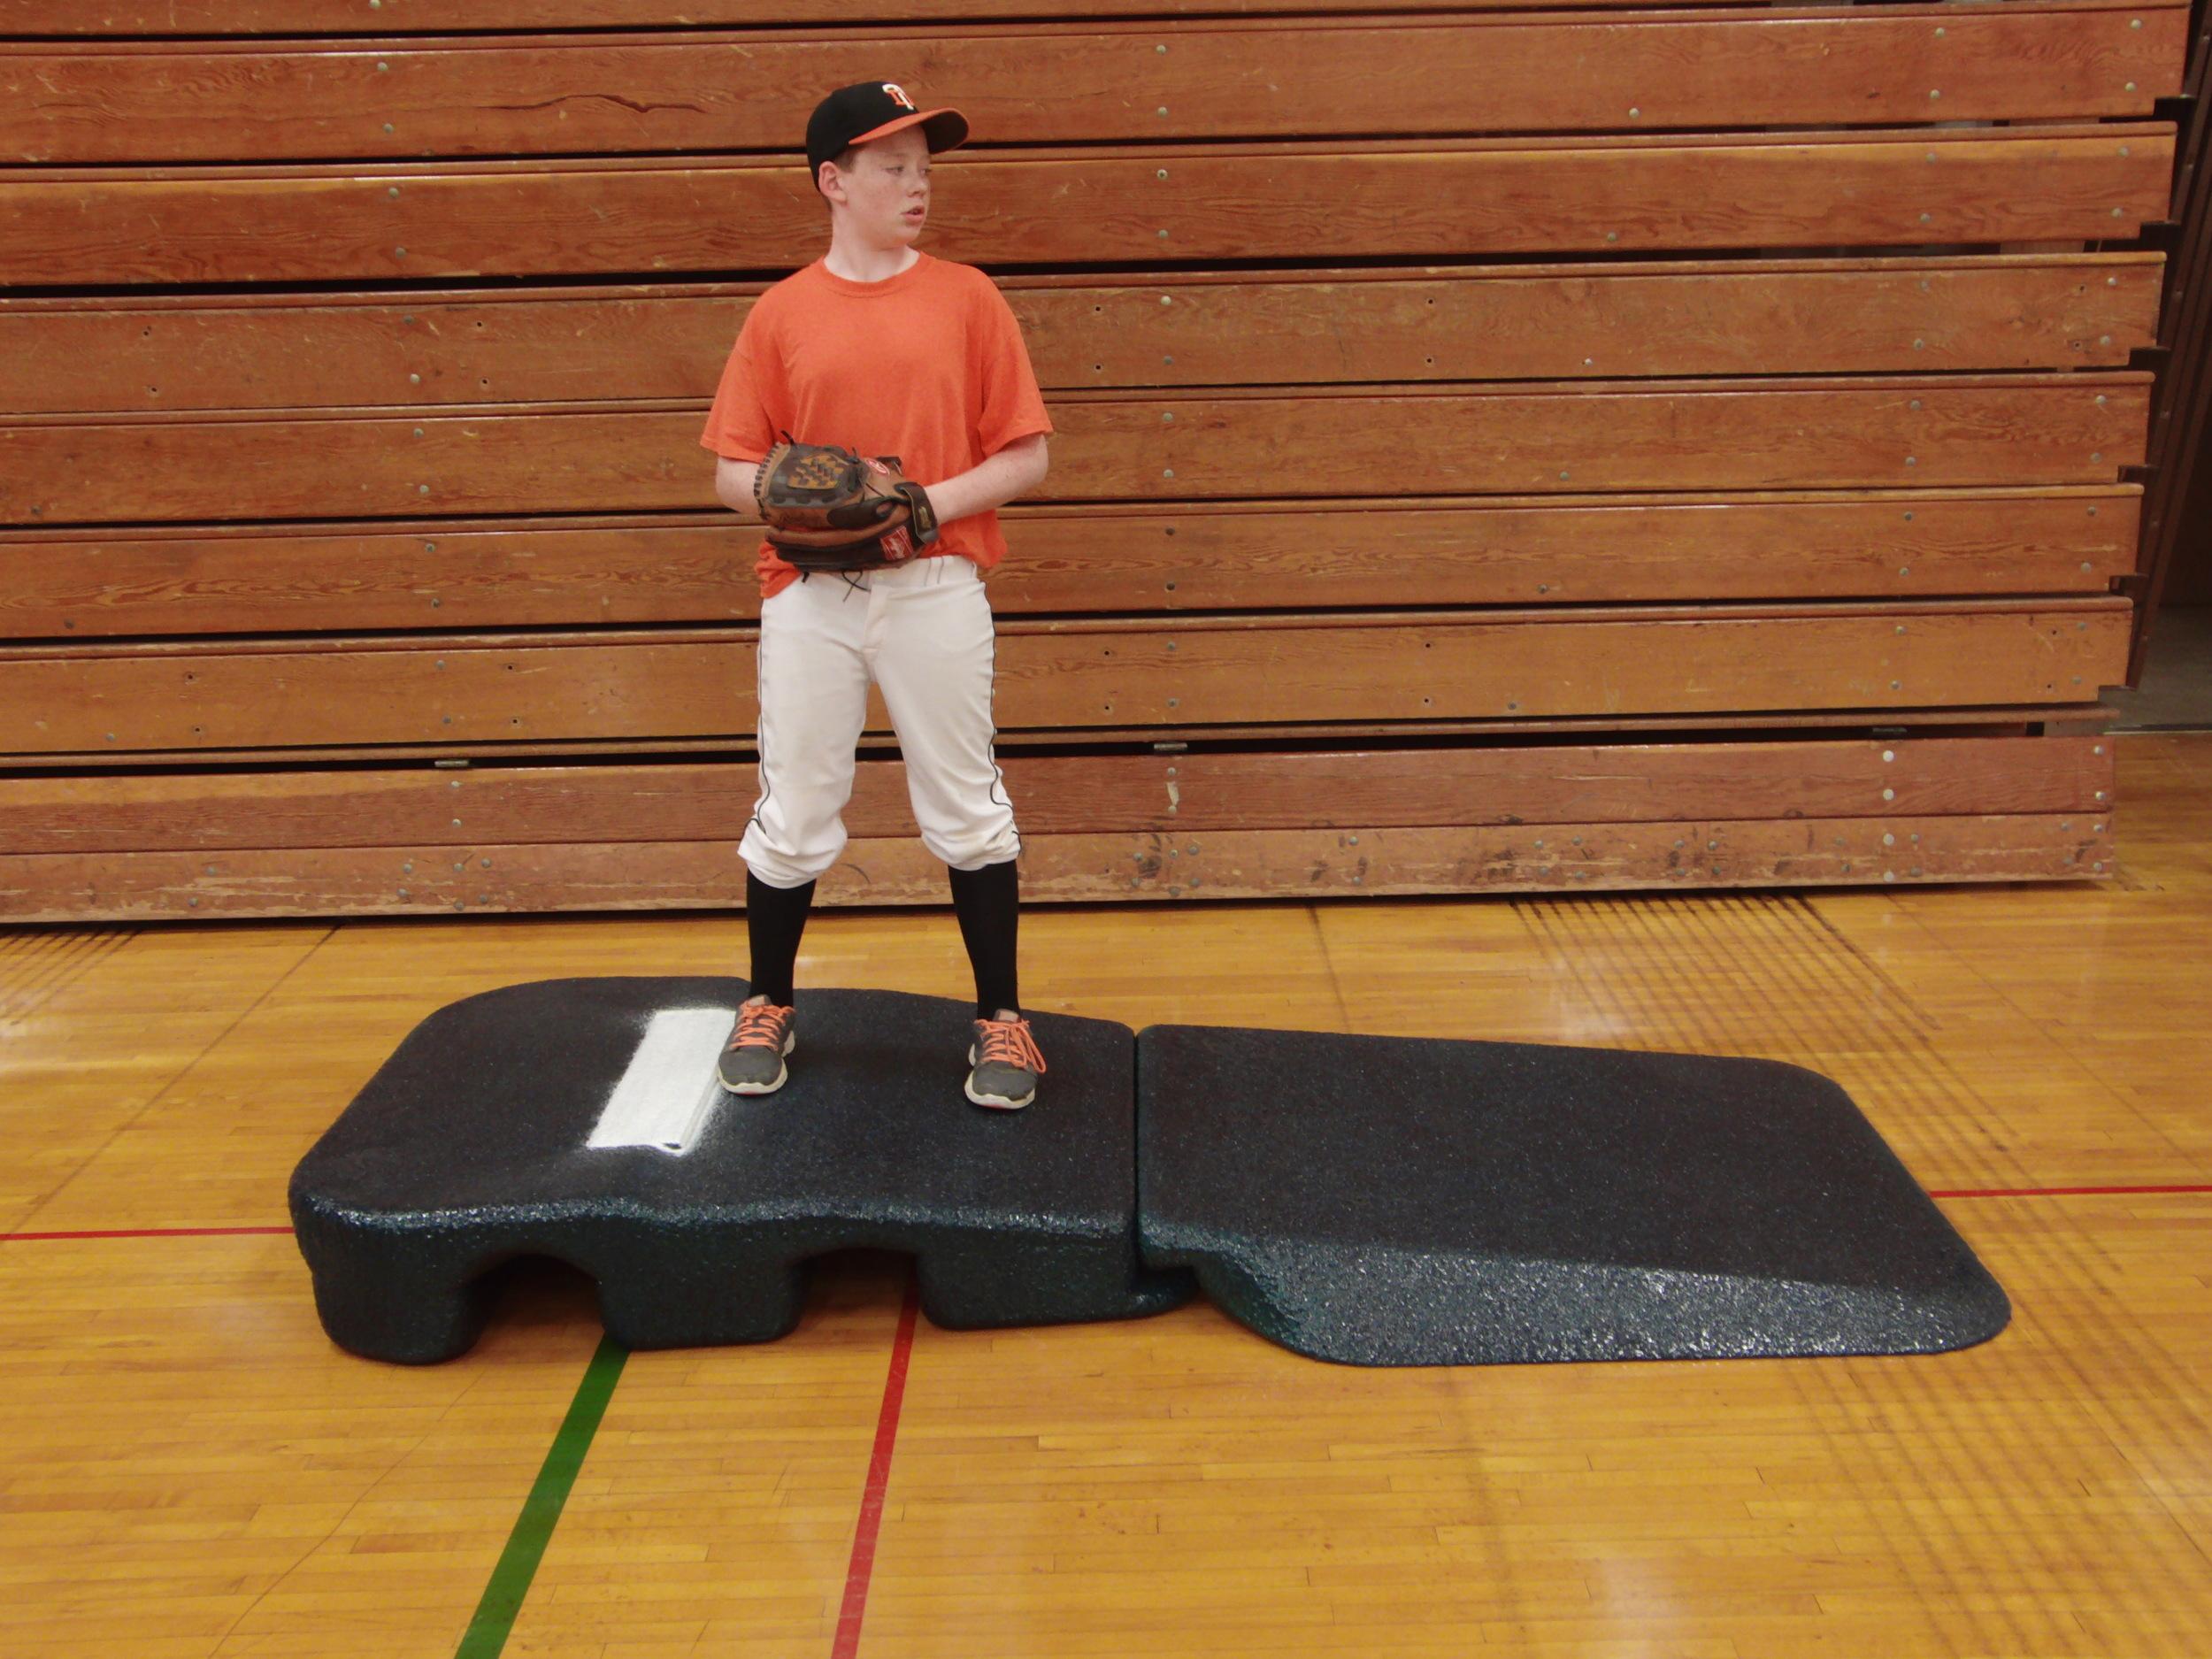 Indoor Pro Practice Mound-Item # IPM-2250